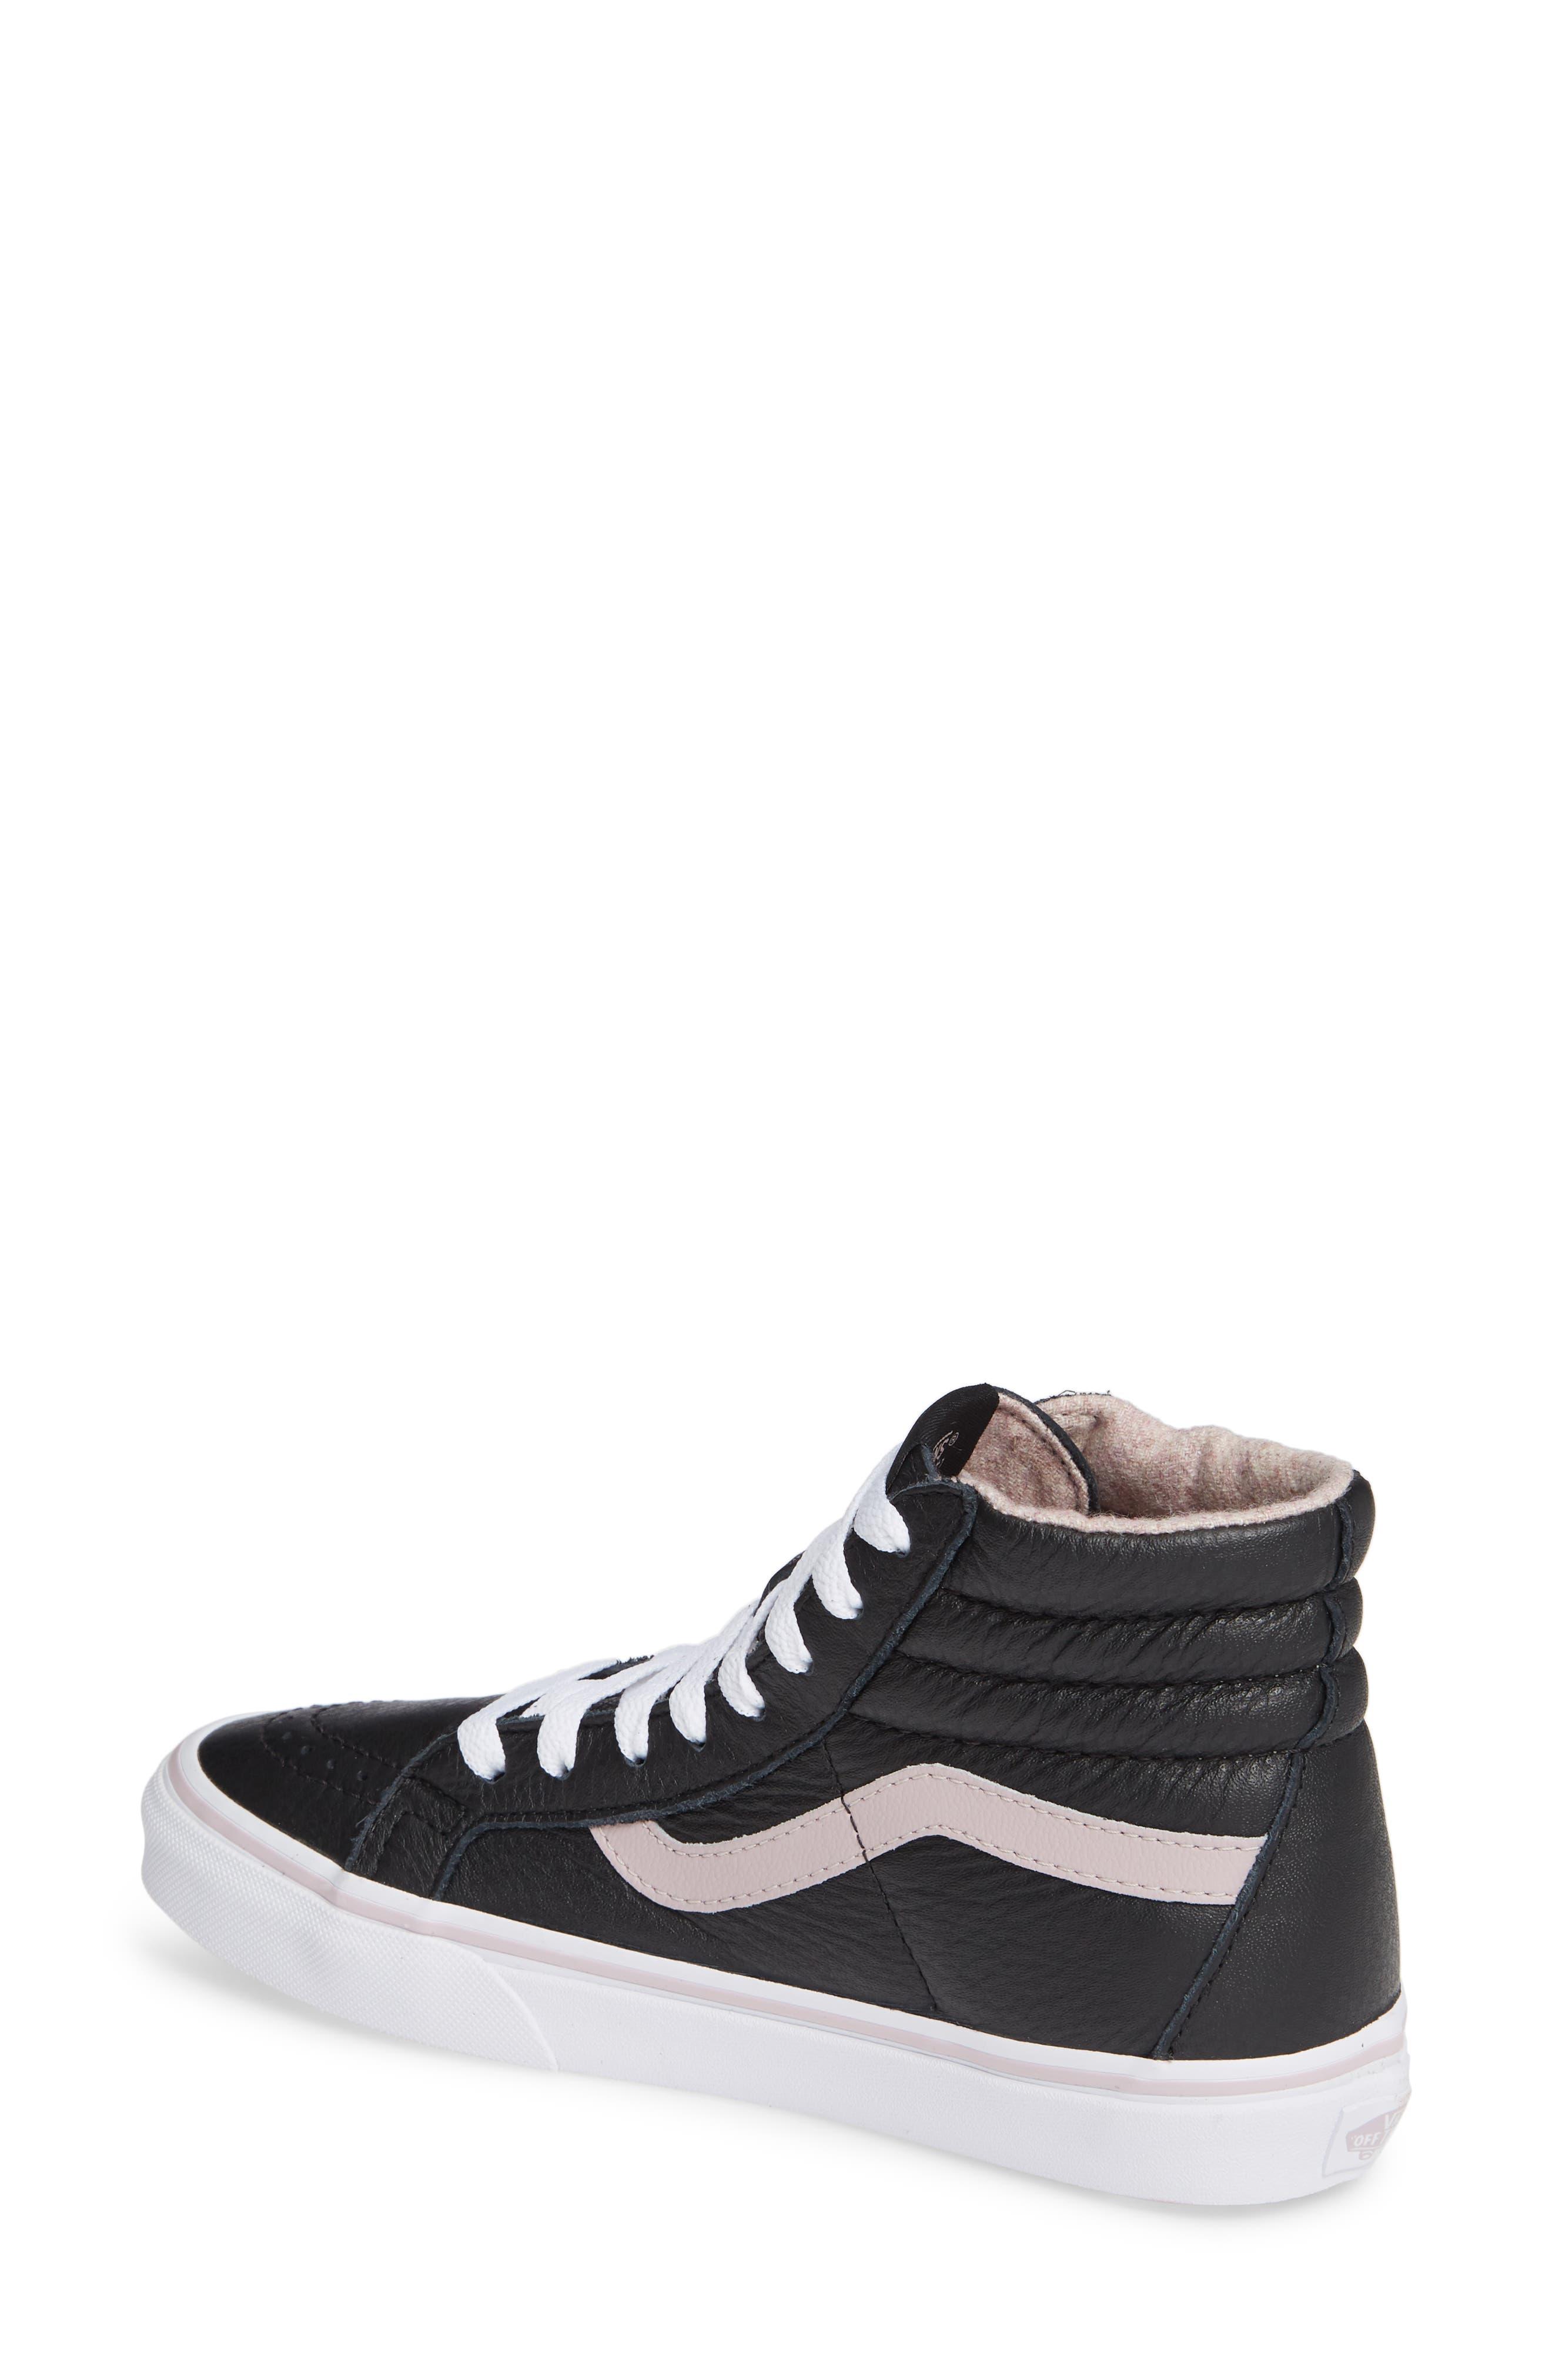 VANS,                             Sk8-Hi Reissue Sneaker,                             Alternate thumbnail 2, color,                             001